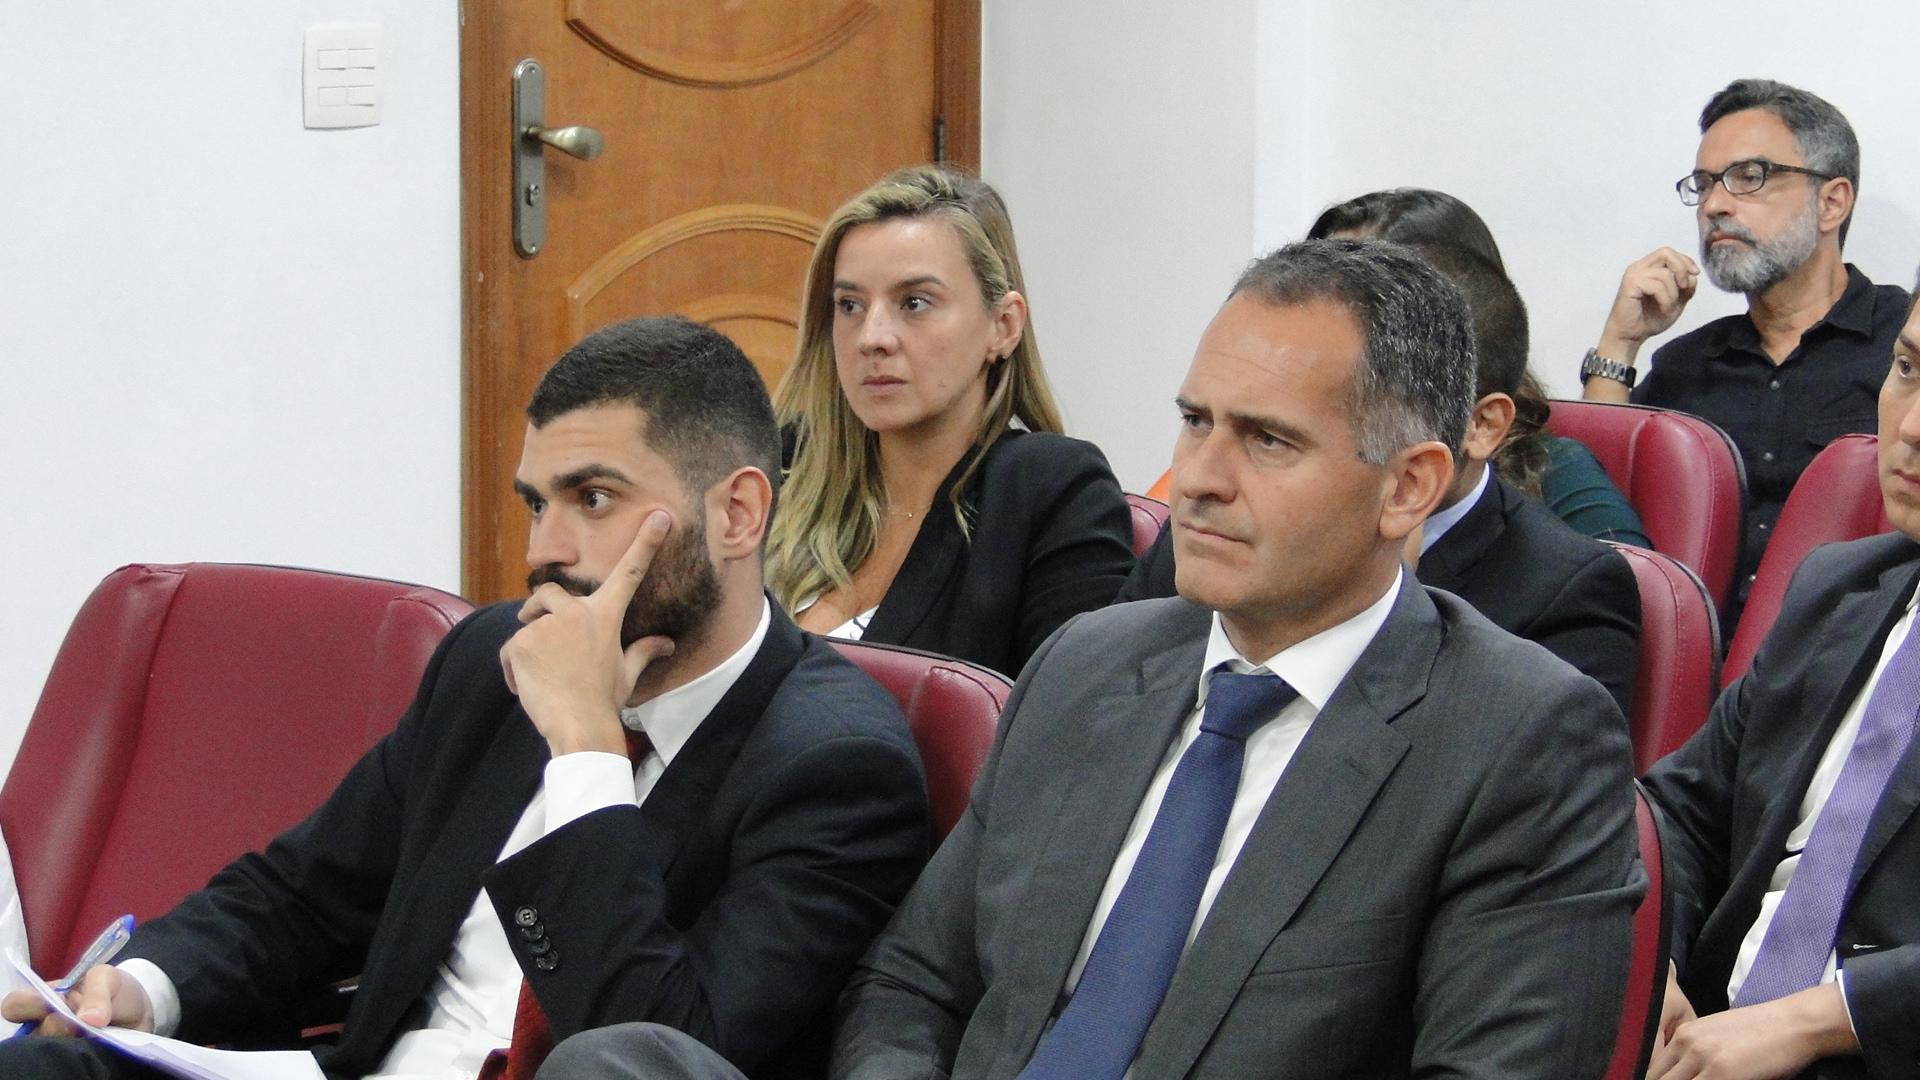 Fluminense multado em R$ 60 mil e Pedro Abad suspenso por 30 dias